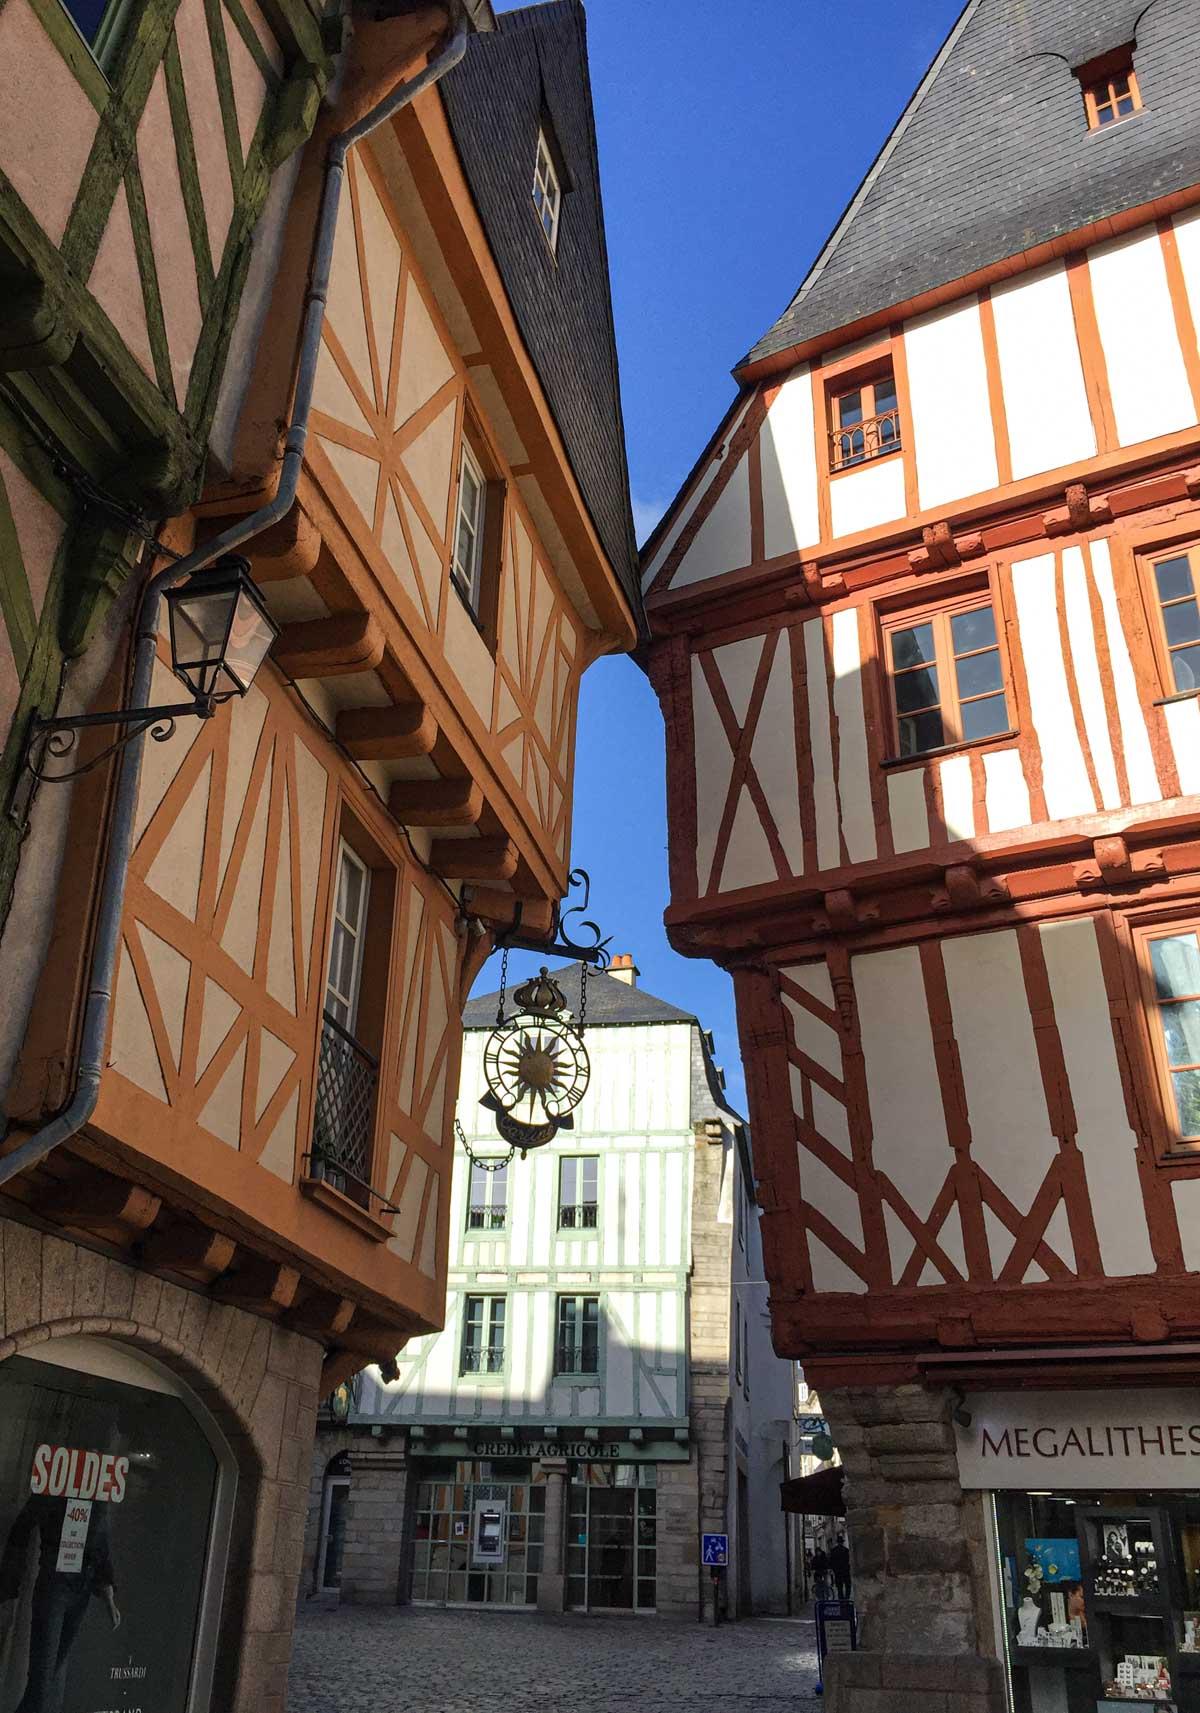 Les rues de Vannes, Morbihan, Bretagne